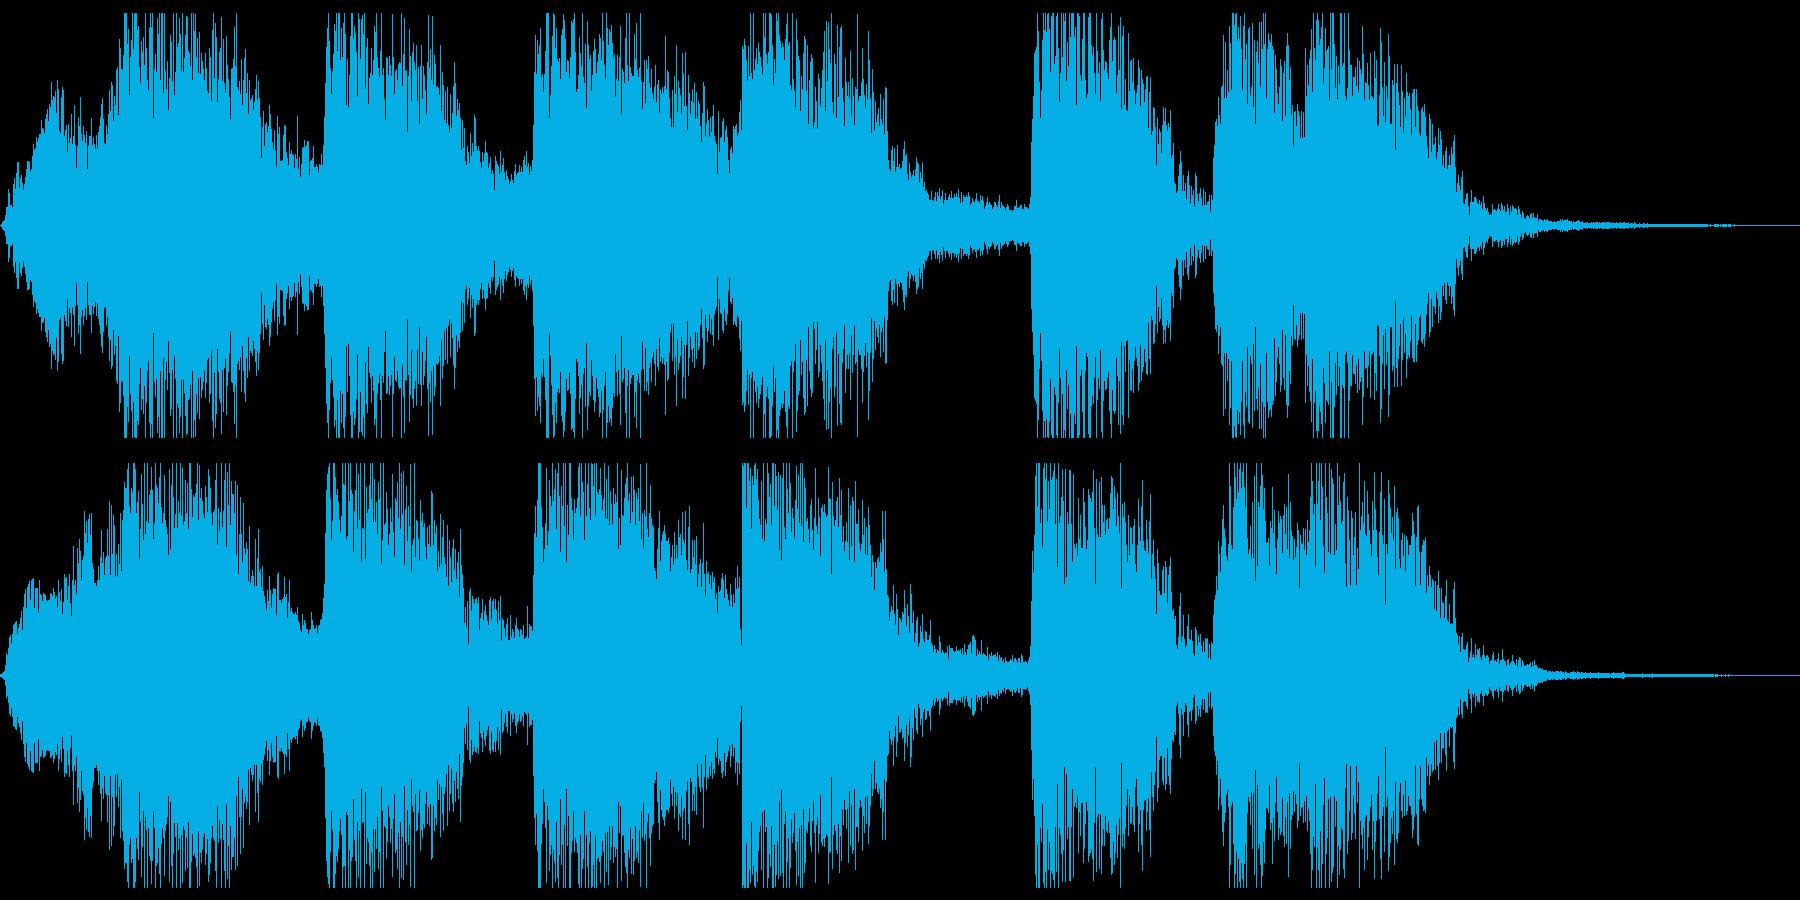 ラテンテイストのファンファーレの再生済みの波形